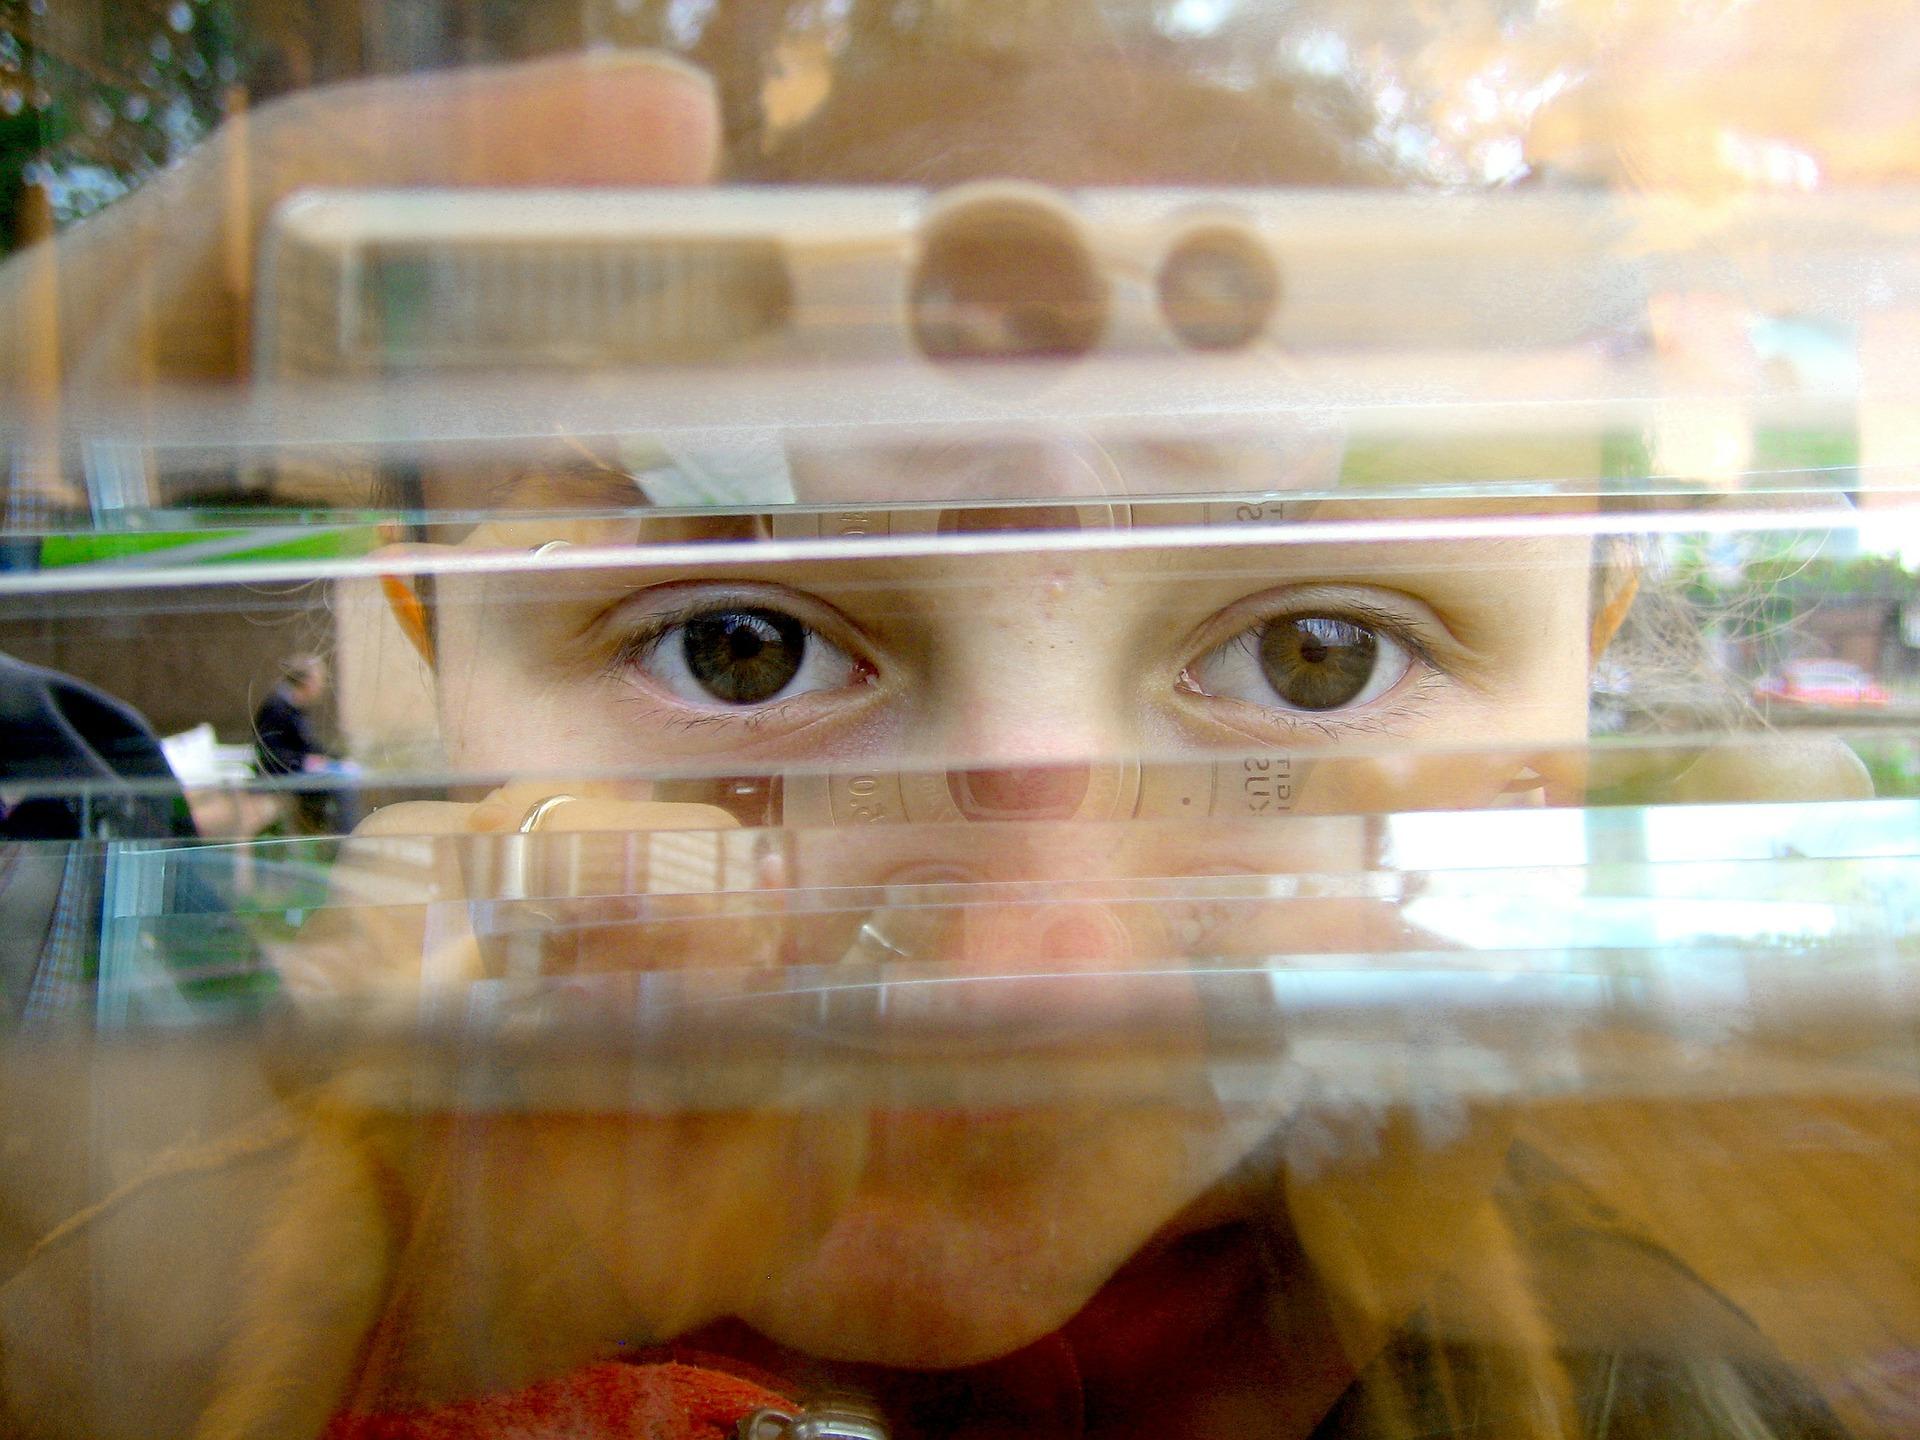 הכירה את אהבת אמה בעיקר דרך המגע האוהב שלה. ילדה מביטה דרך זכוכית| צילום המחשה: www.pixabay.com (למצולמת אין כל קשר לכתבה)